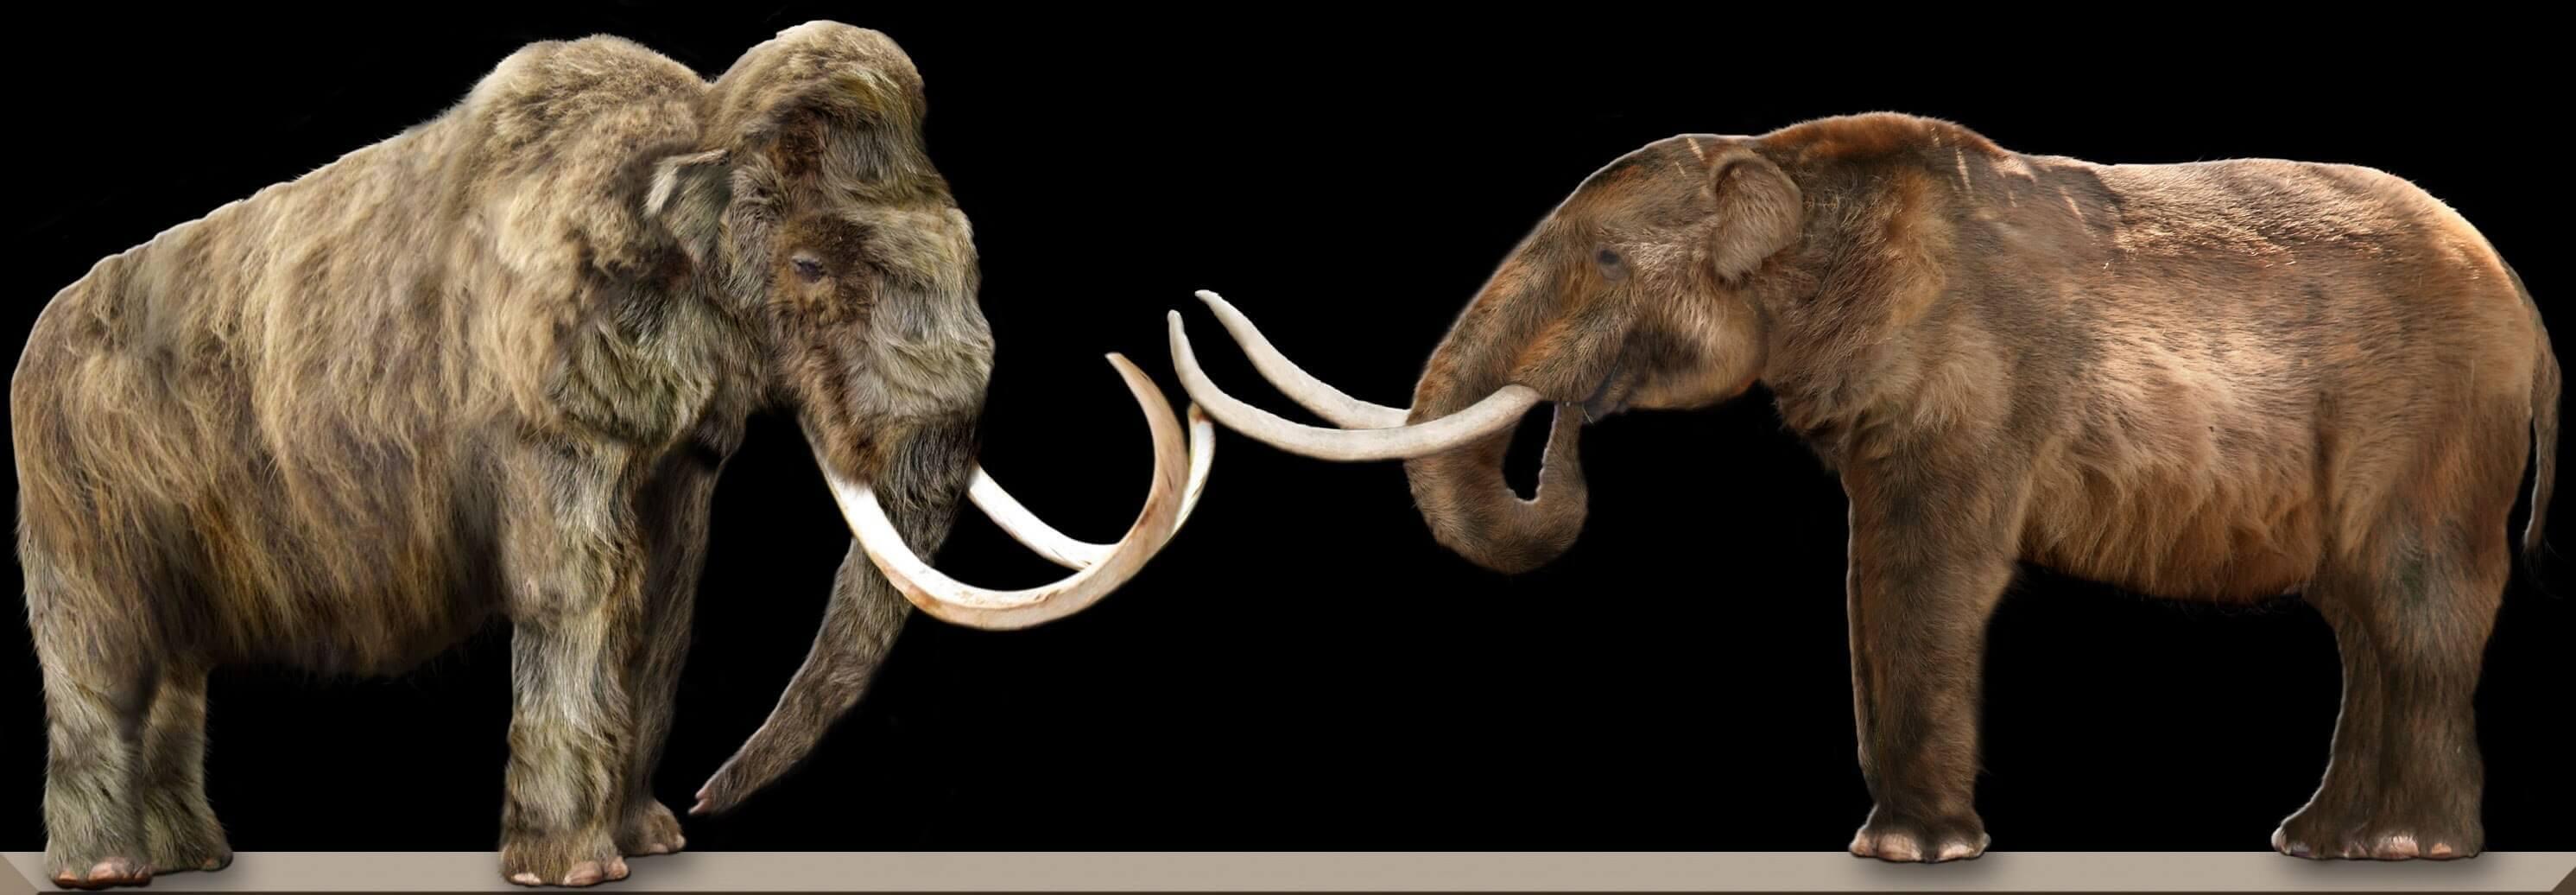 il mastodonte estinto presentava caratteristiche differenti da quelle del mammut